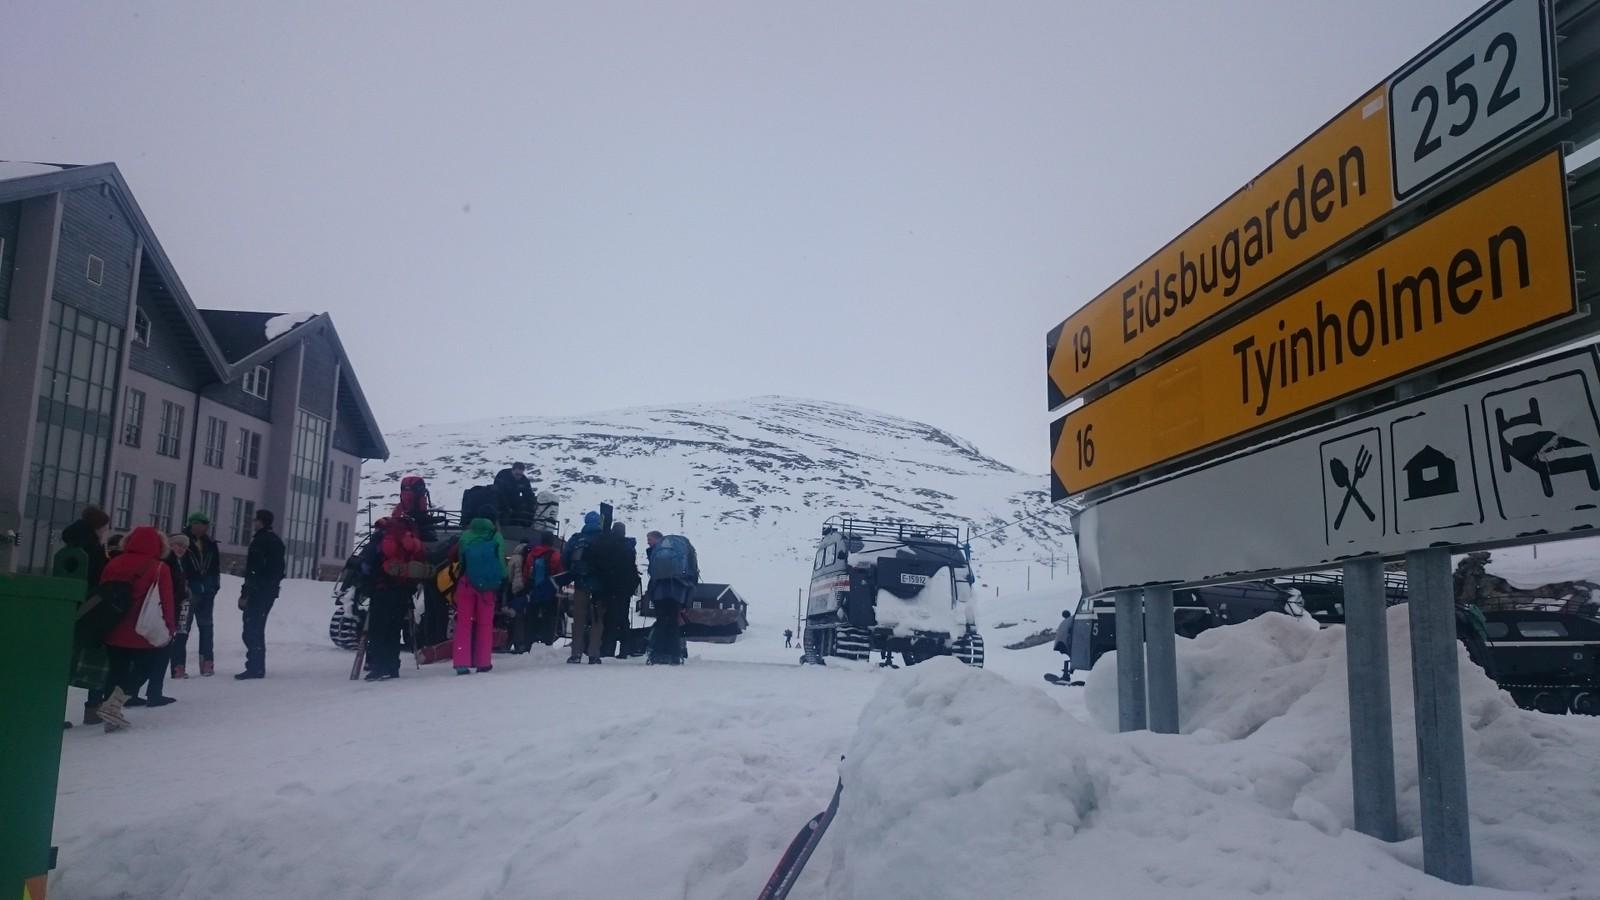 Det blir meldt om mykje folk i fjellet, slik som her ved Tyin, innfallsporten til Jotunheimen.